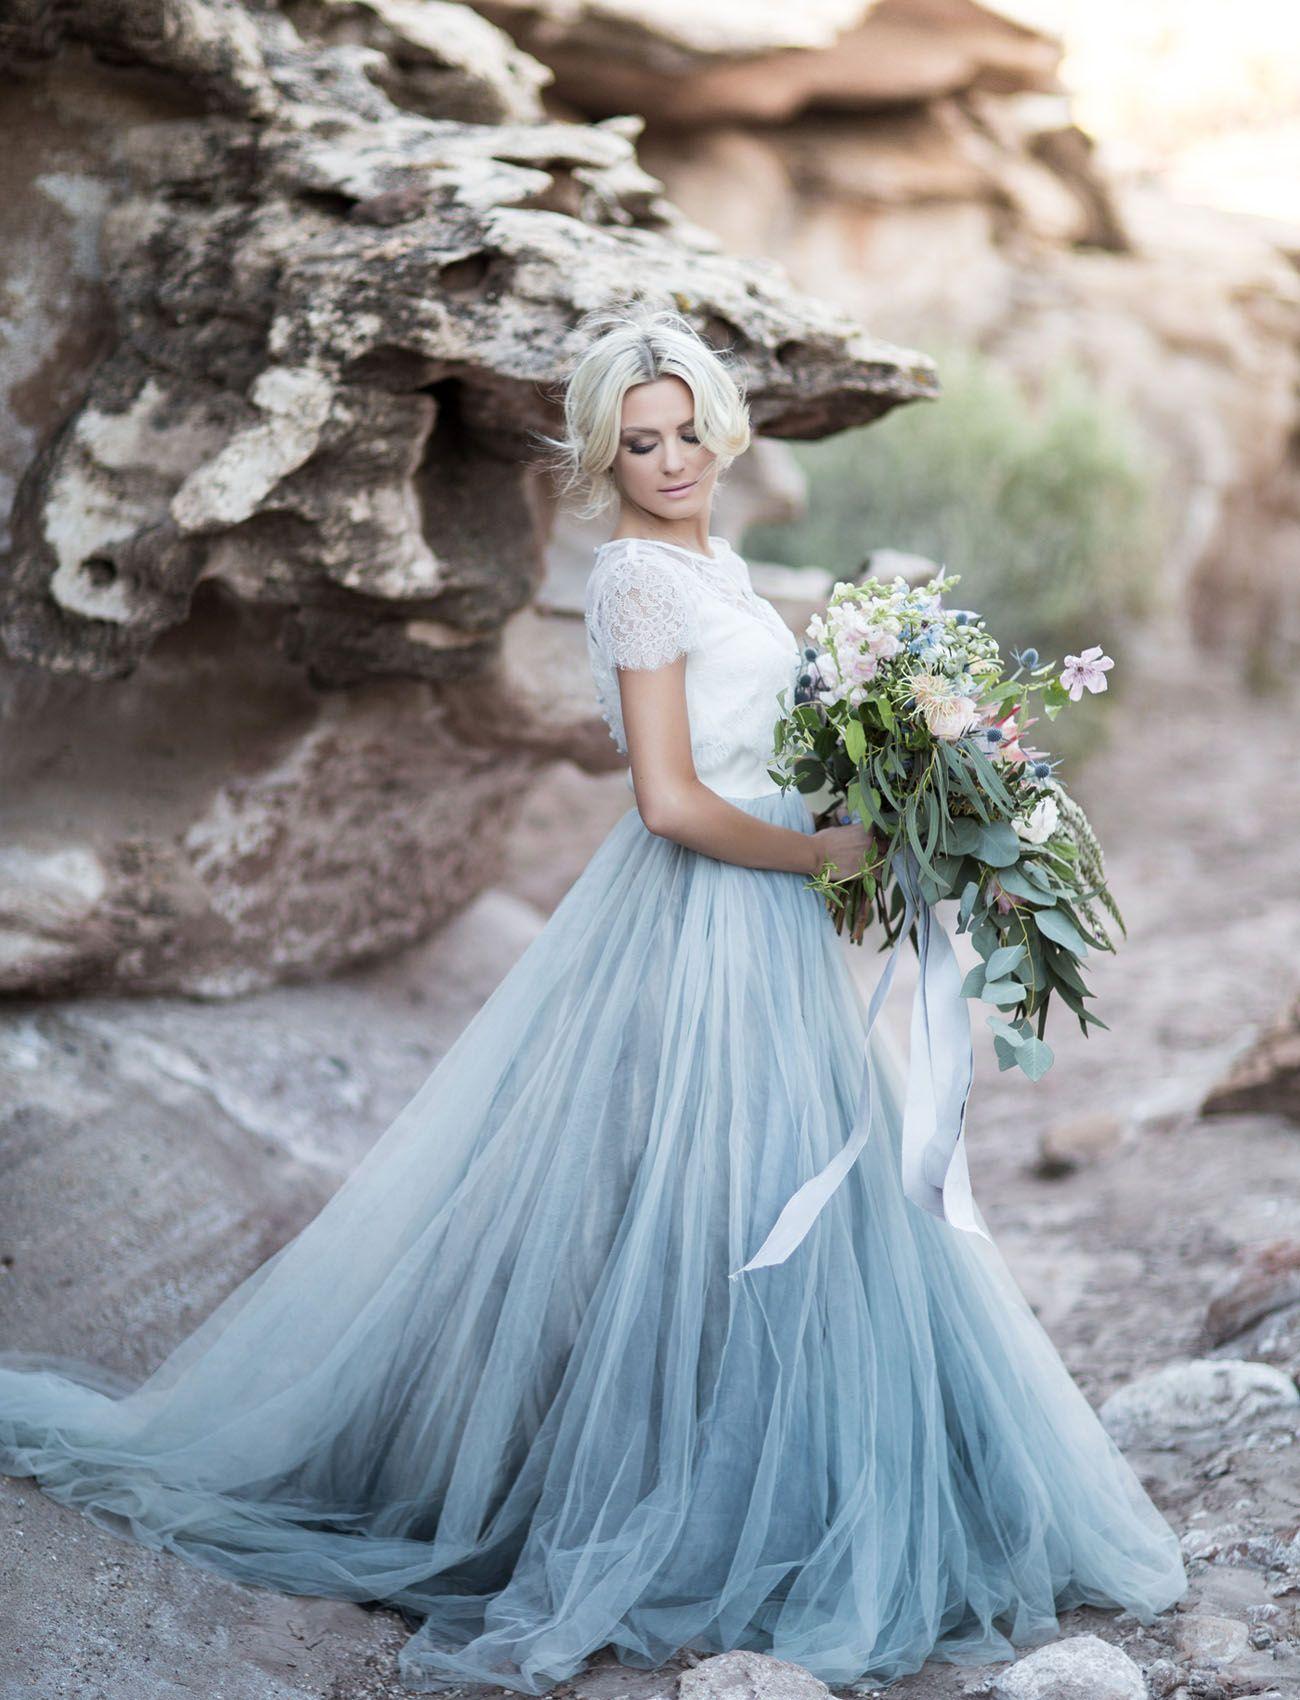 Dipped wedding dress  Desert Wedding Inspiration at Zion National Park  dream wedding